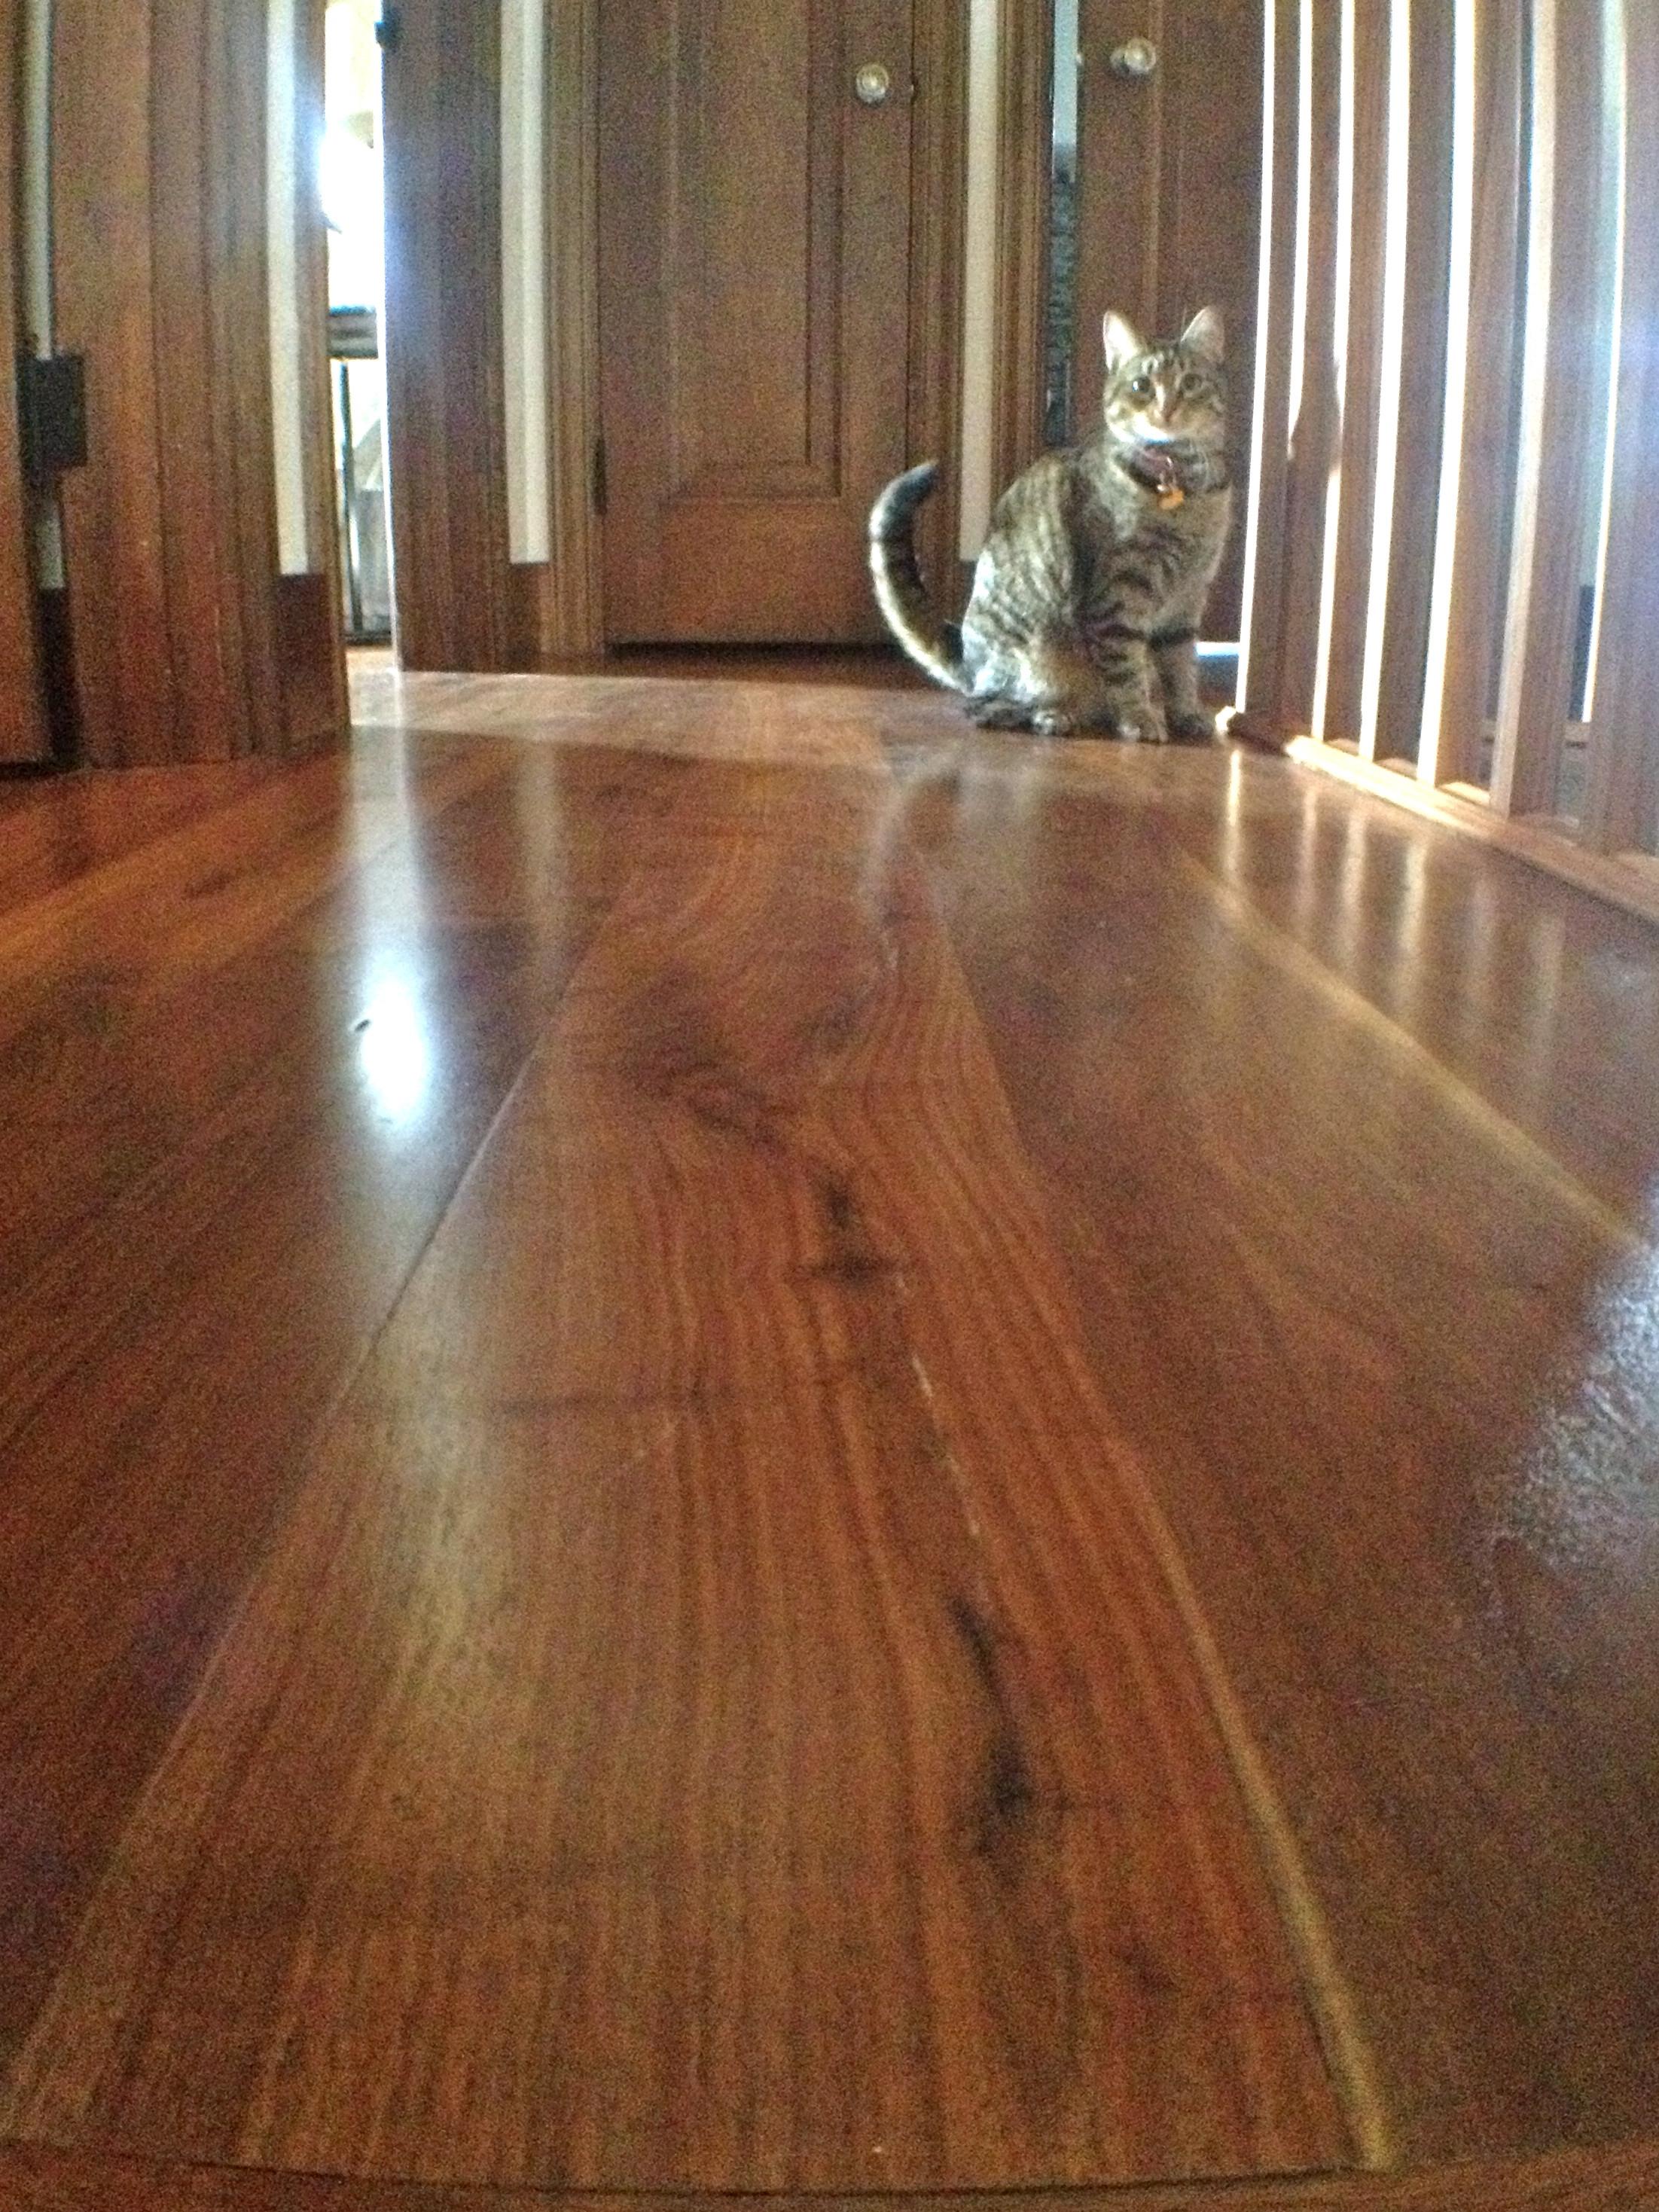 engineered hardwood floors charlotte nc of hardwood flooring birmingham al unfinished hardwood floor cleaner regarding hardwood flooring birmingham al unfinished hardwood floor cleaner